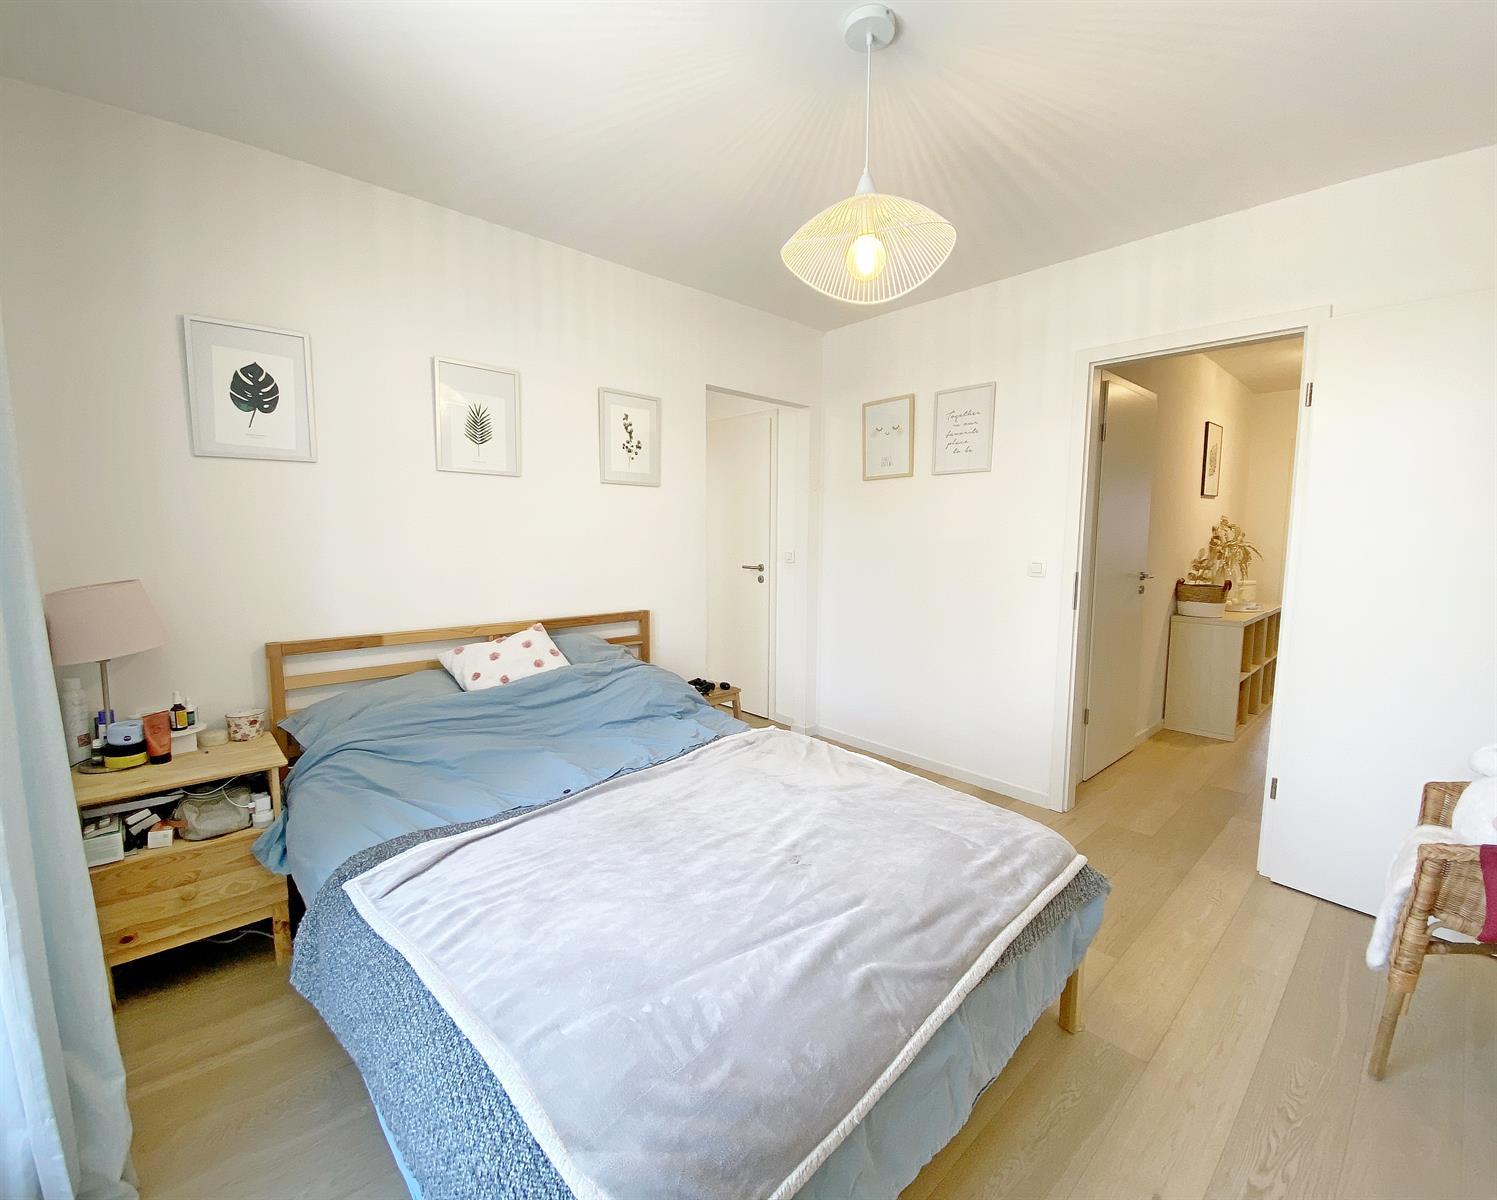 Appartement - Thorembais-Saint-Trond - #4281711-7